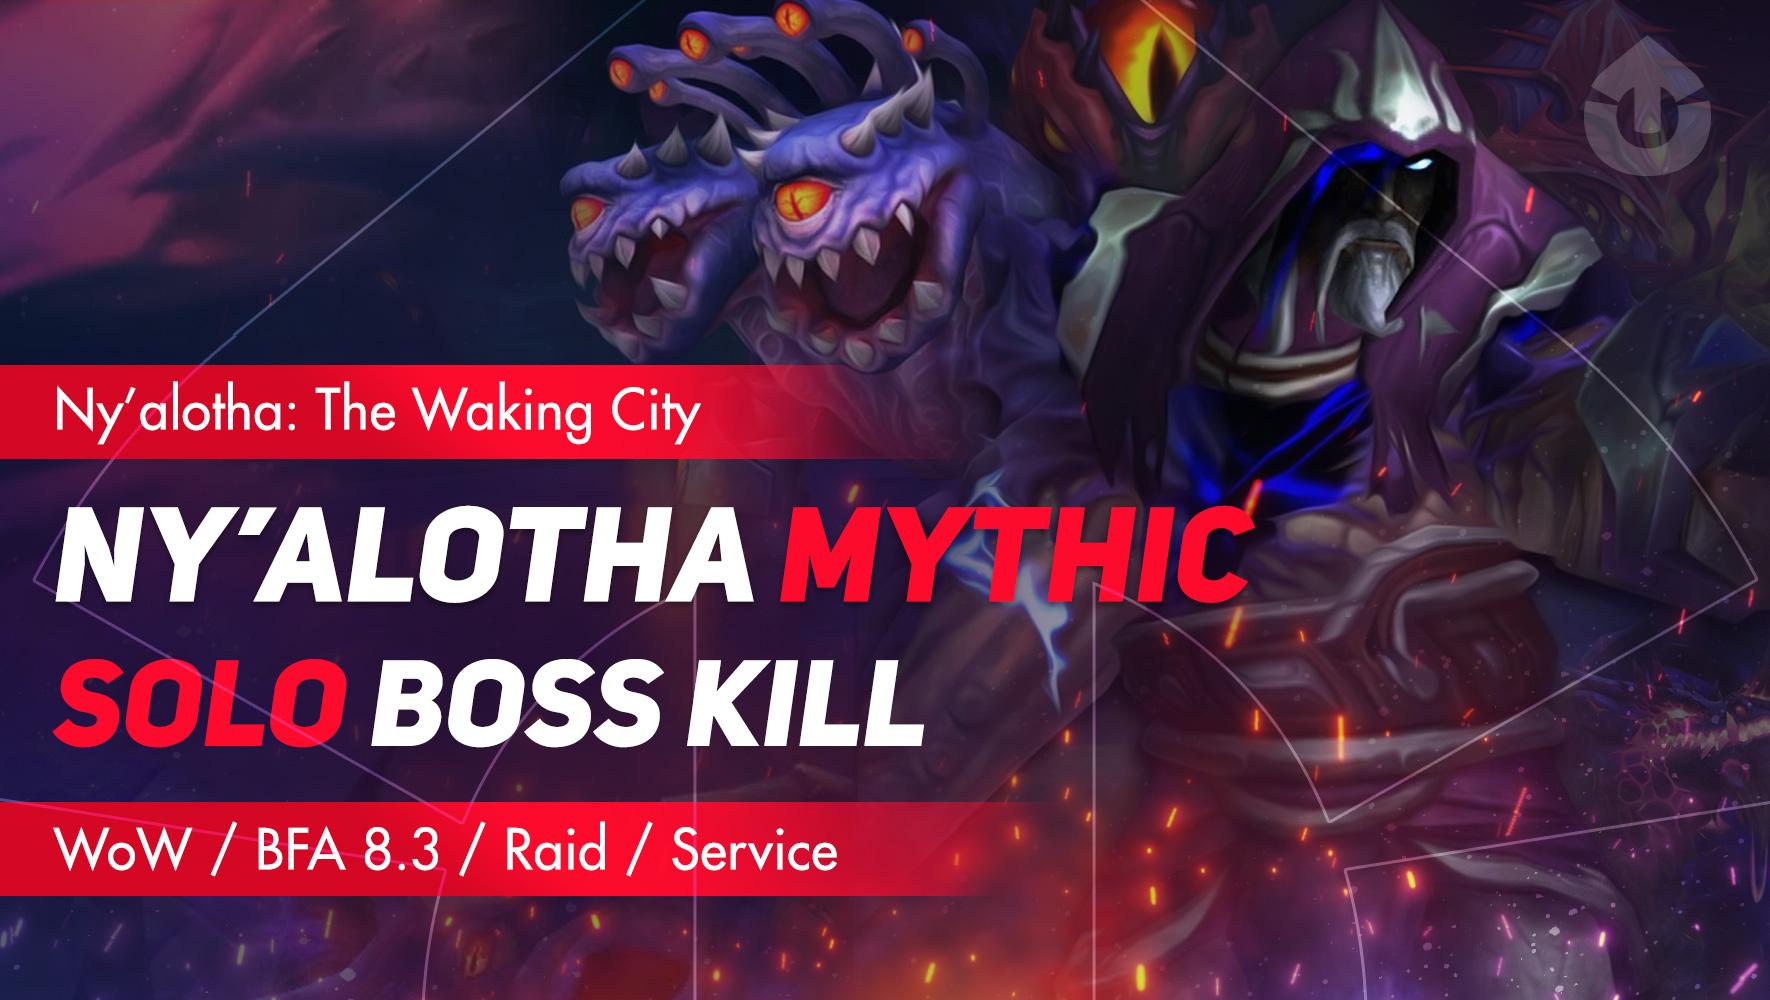 Ny'alotha Mythic | Single Boss | Run GBD - e2p.com